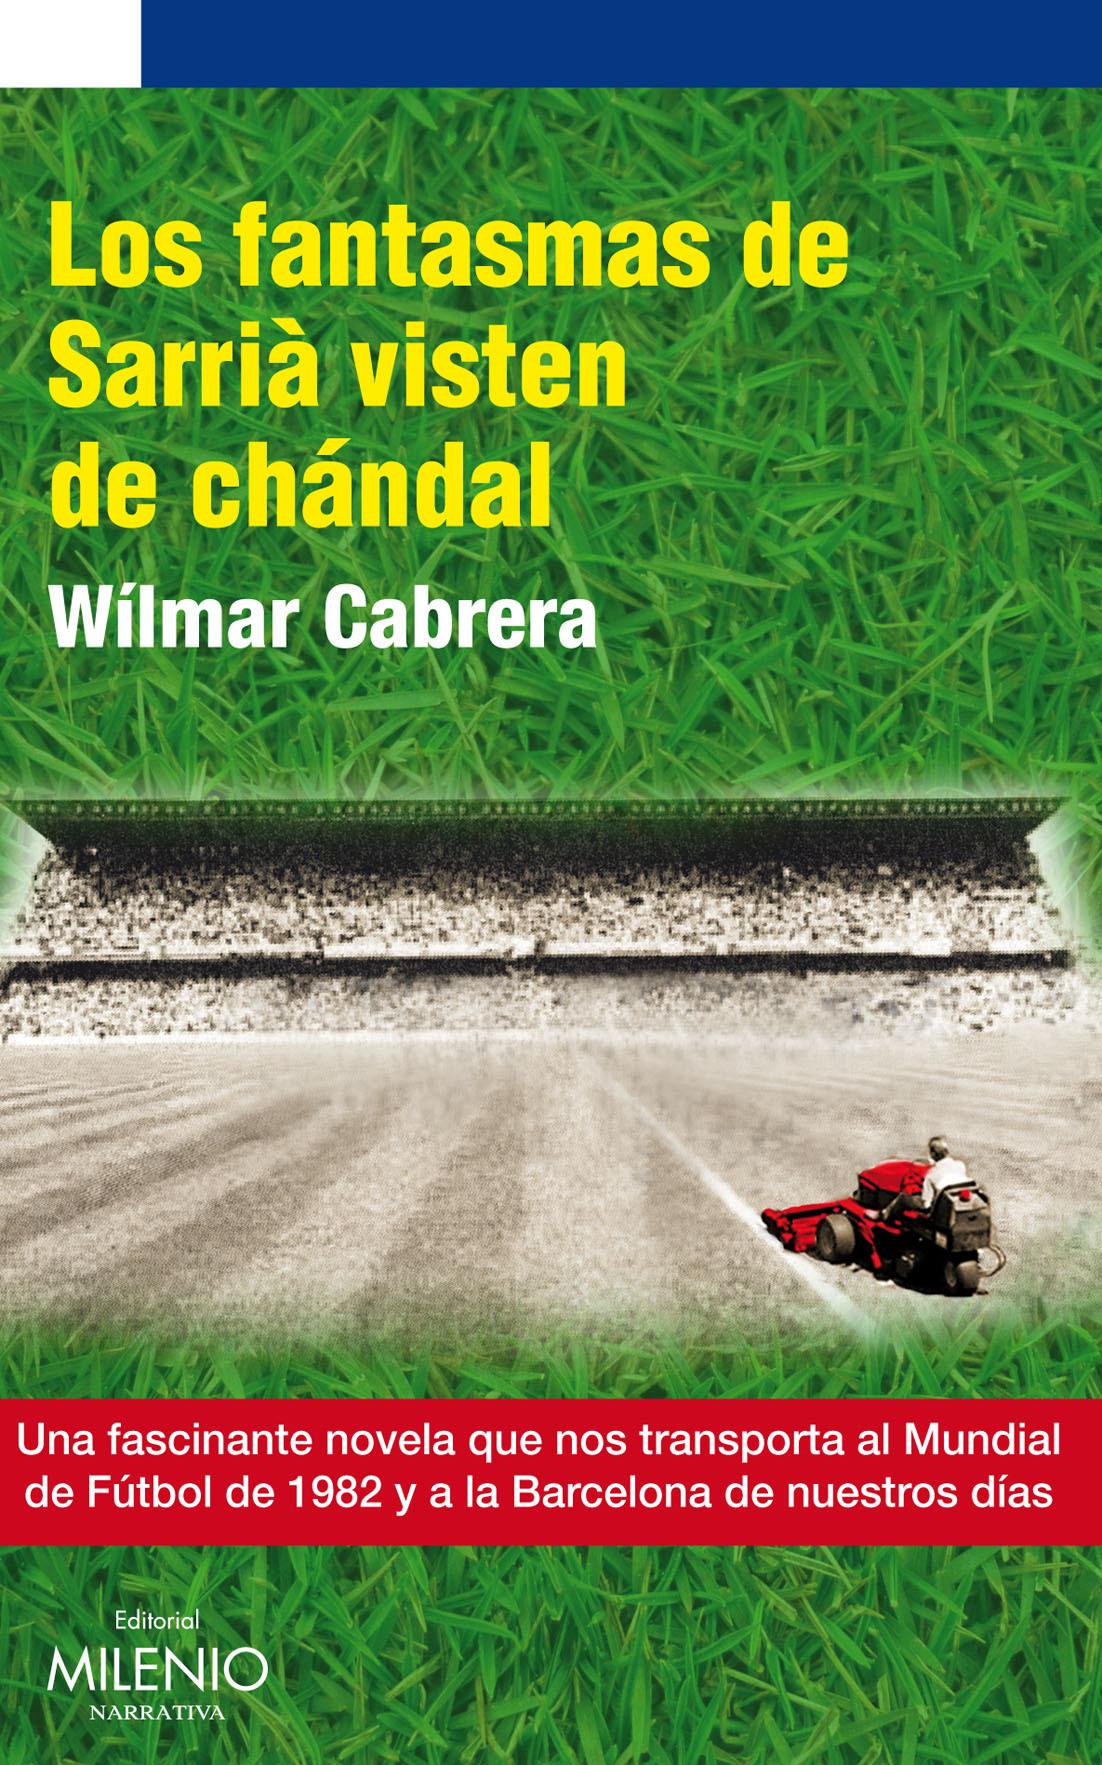 LOS FANTASMAS DE SARRIÀ VISTEN DE CHÁNDAL